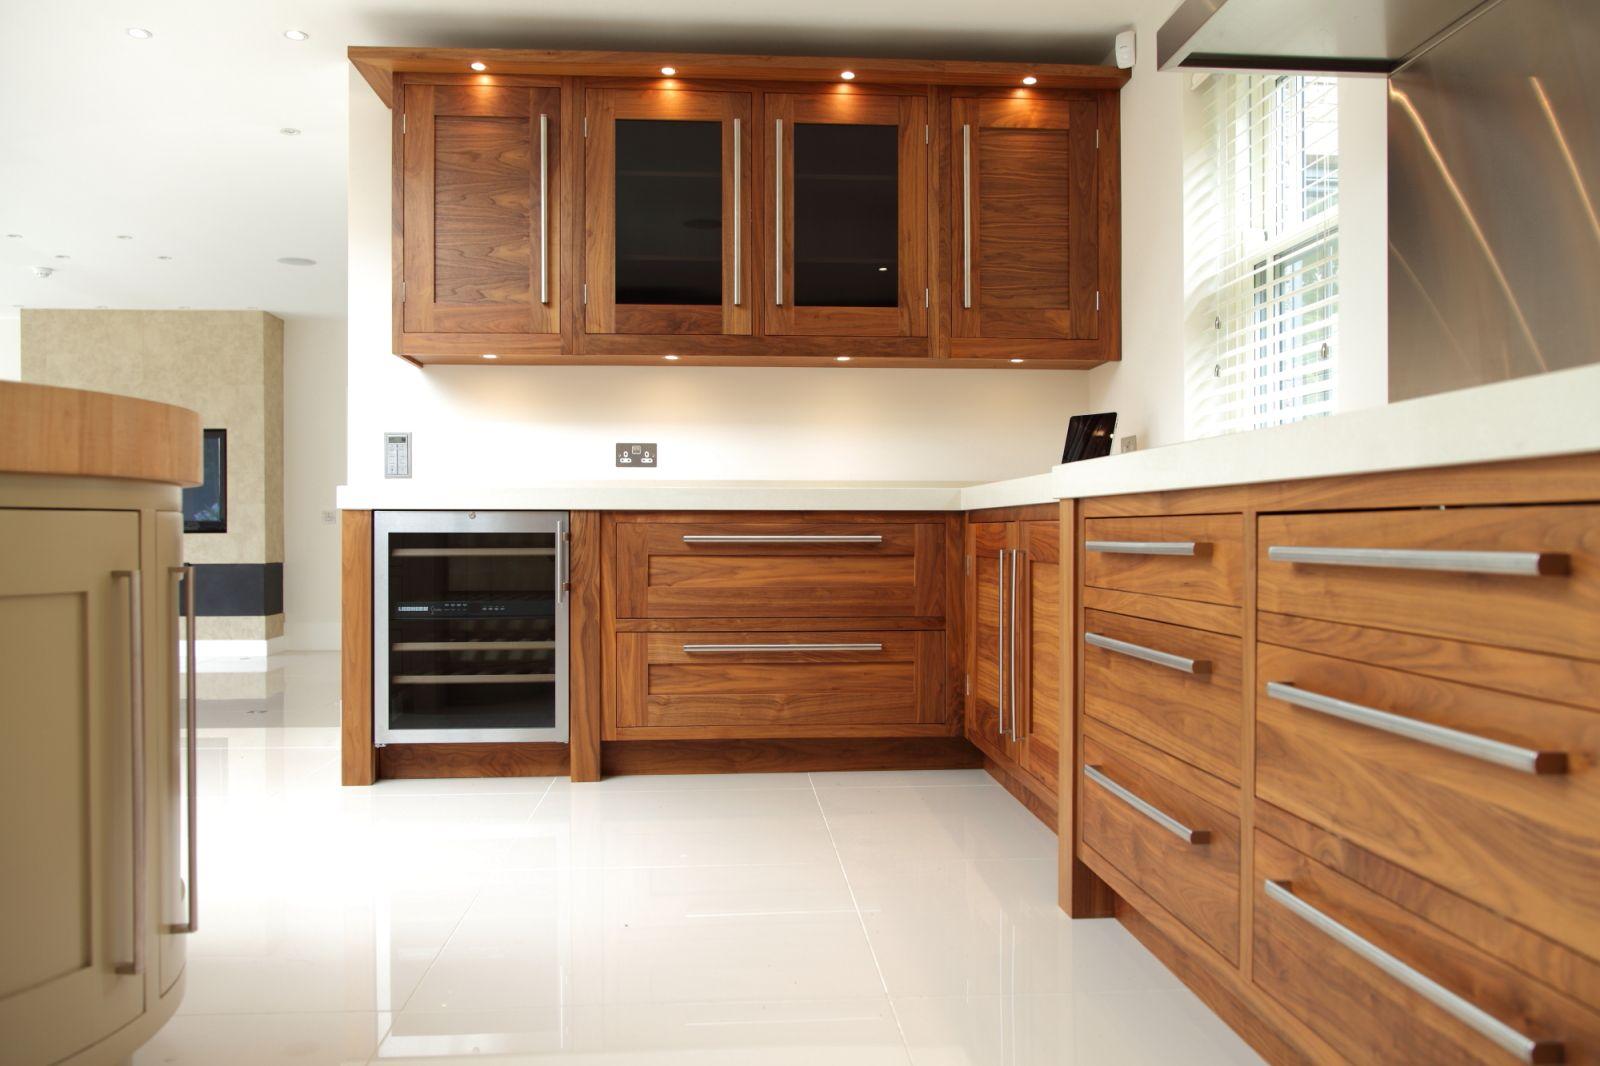 Grey Tinted Glass Works Well With The Walnut Kitchen Furniture Design Artistic Kitchen Walnut Kitchen